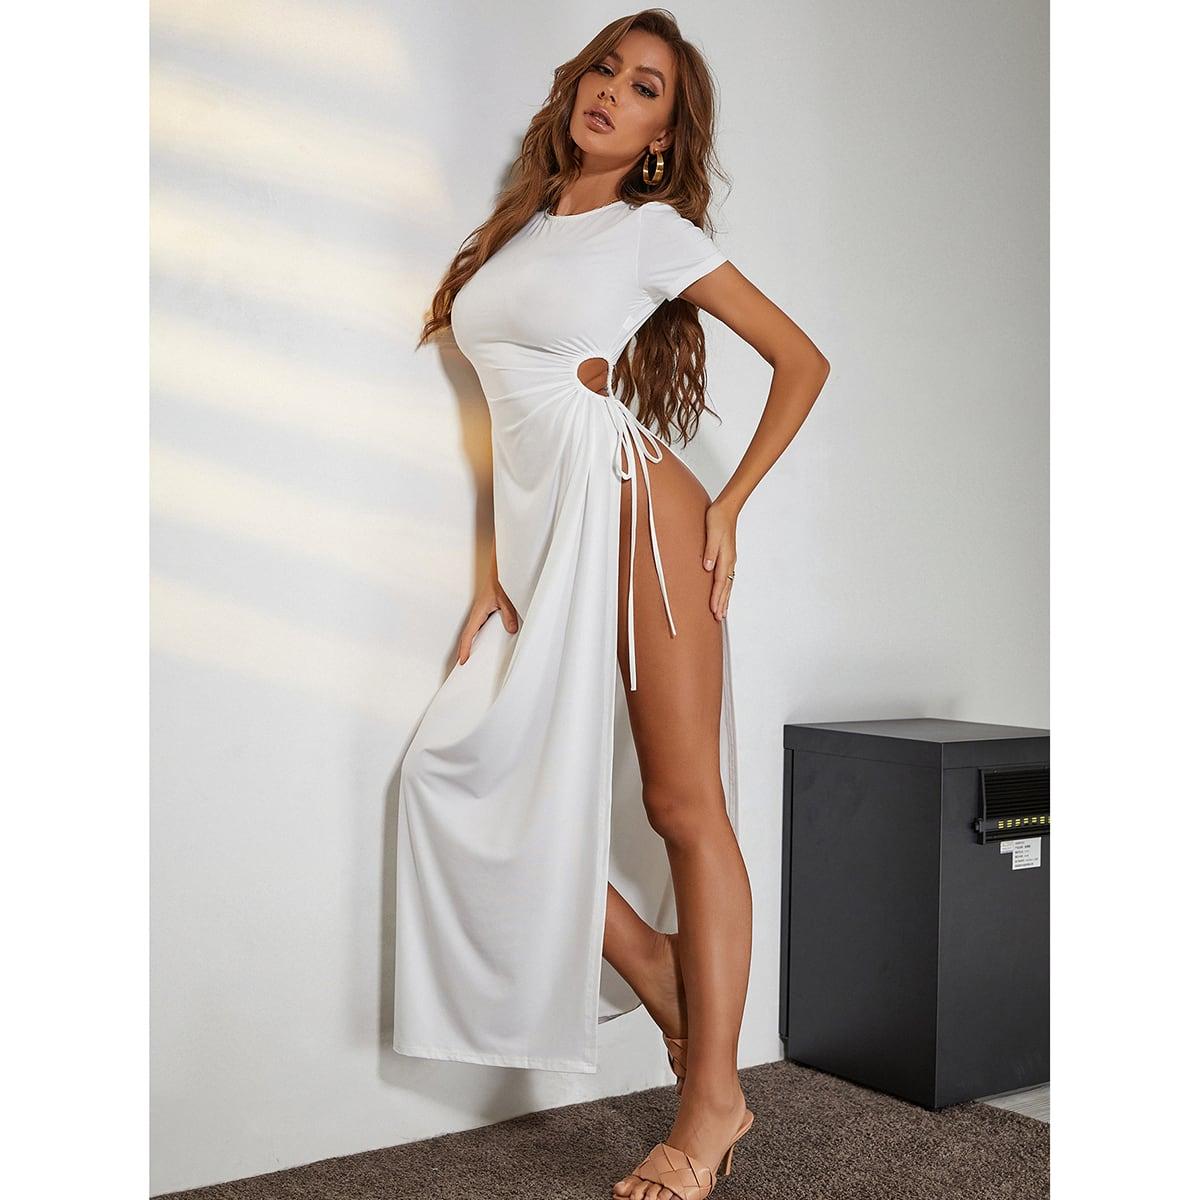 Платье с разрезом высоким разрезом SheIn swdress42210305233